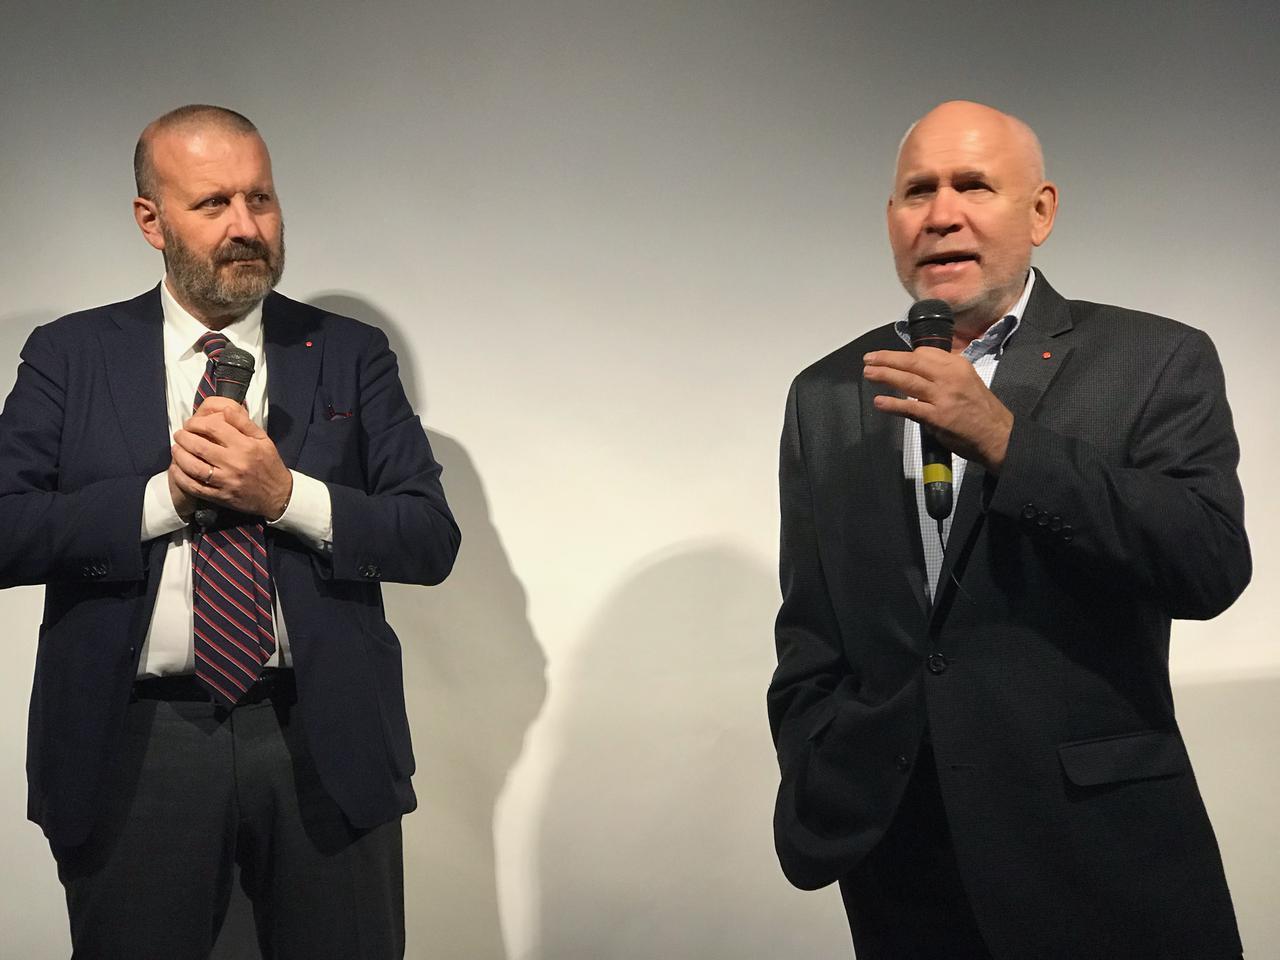 画像: ▲マグナム・フォトグラファーのスティーブ・マッカリー氏(写真右)がライカSL2を使った印象などを語った。左はライカカメラ社のグローバルマーケティングディレクター、アンドレア・パチェッラ氏。